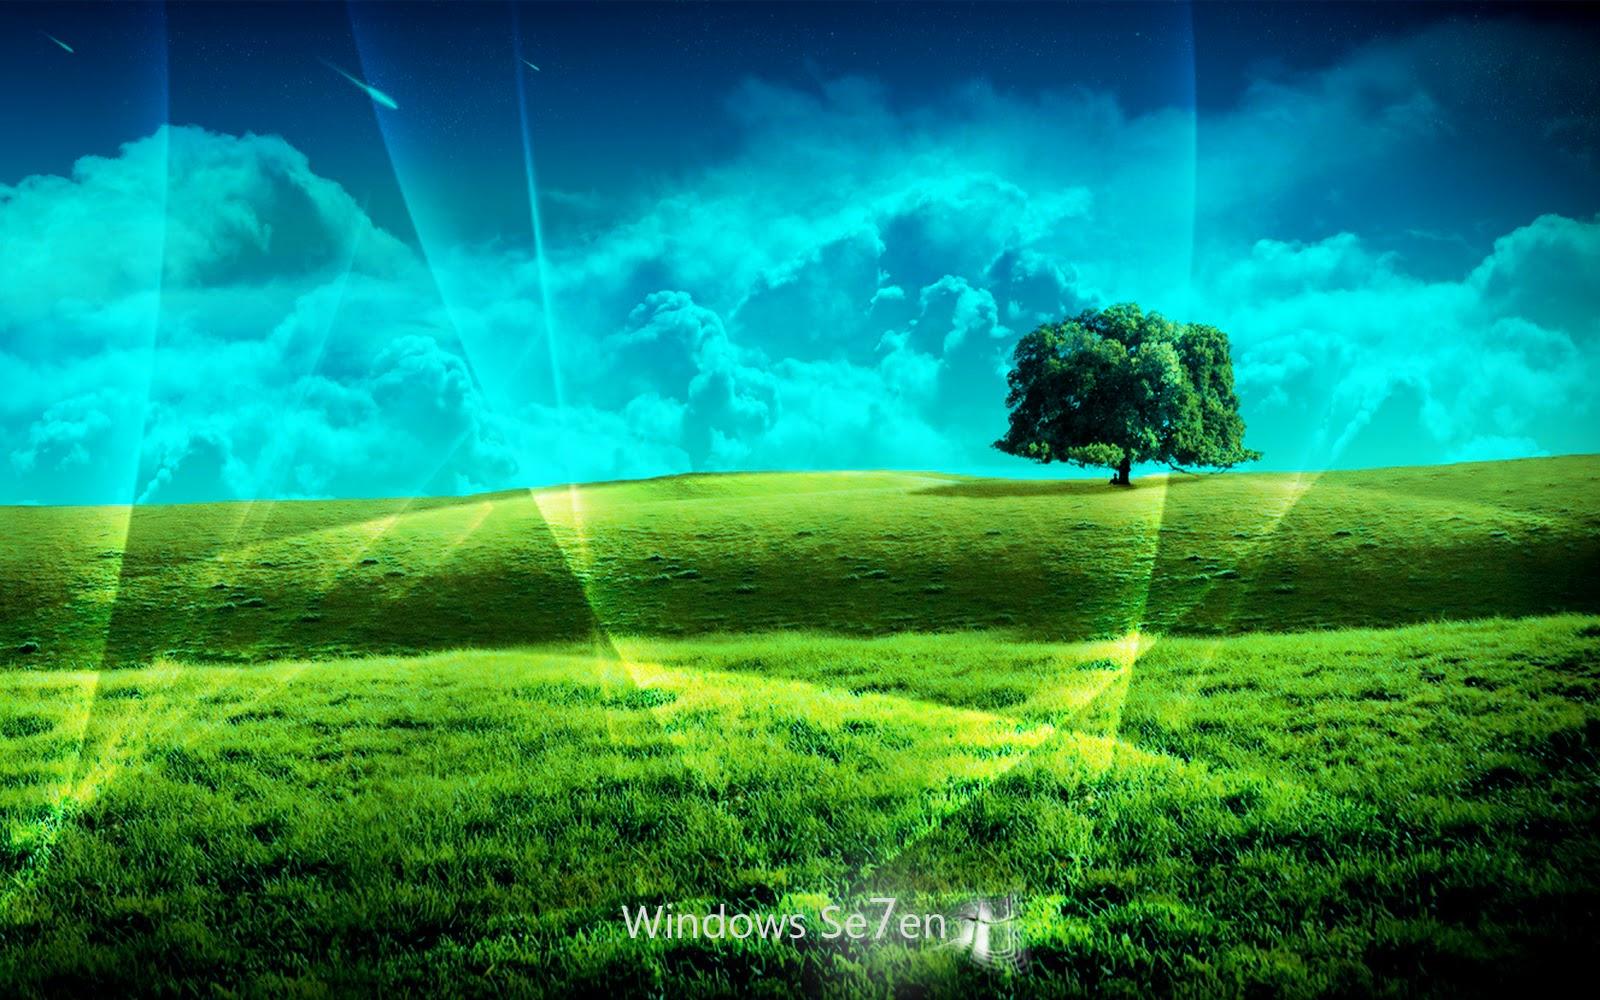 Wallpapers | Desktop 3d Wallpapers Free | Animated Desktop Wallpapers ...